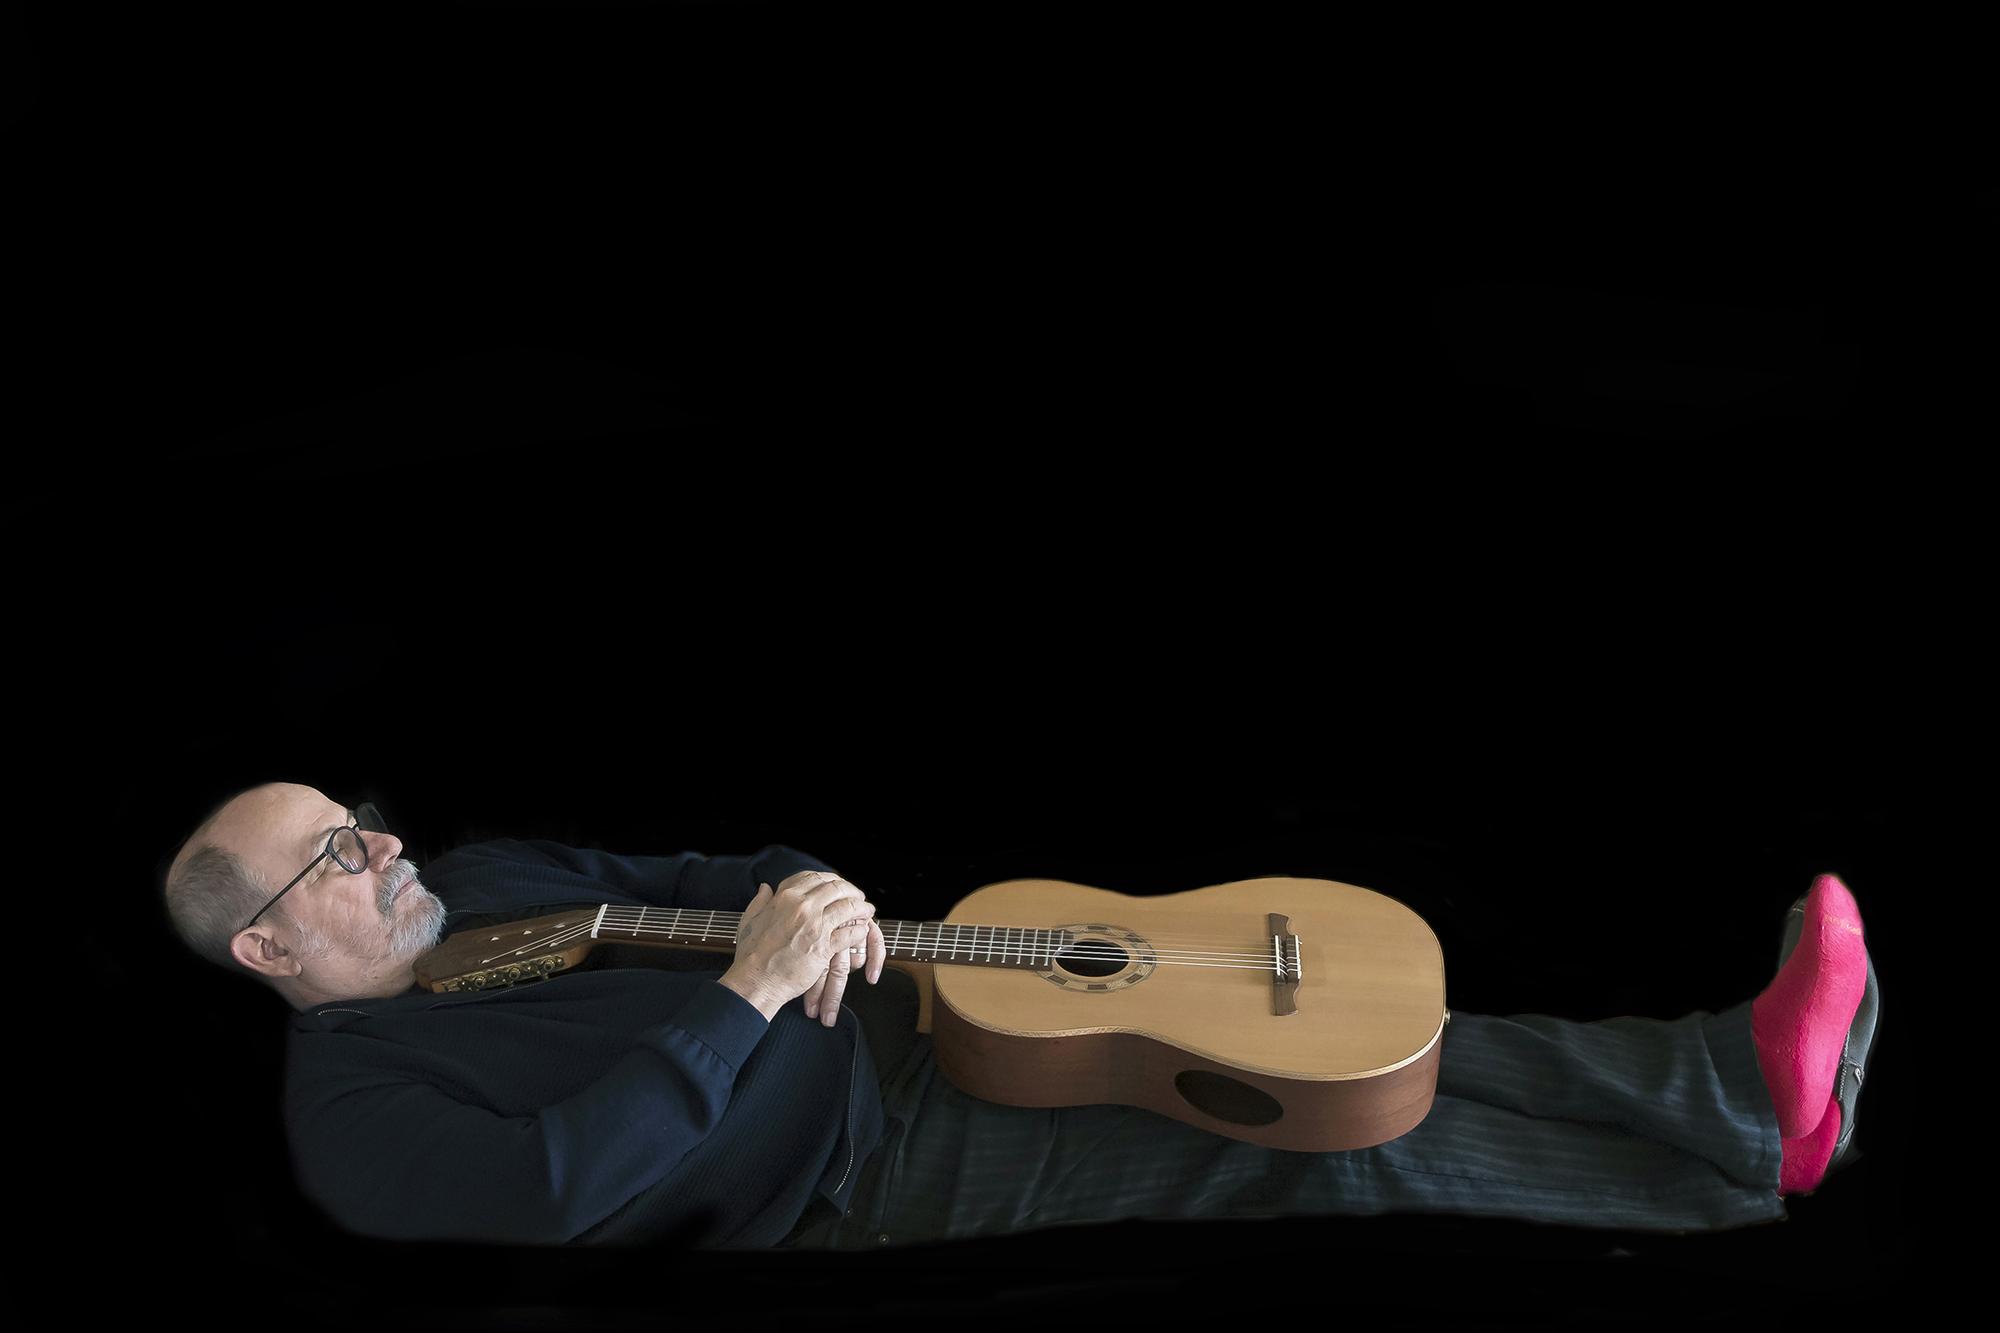 Silvio Rodríguez en una sesión de fotos para su nuevo disco. Foto: Daniel Mordzinski